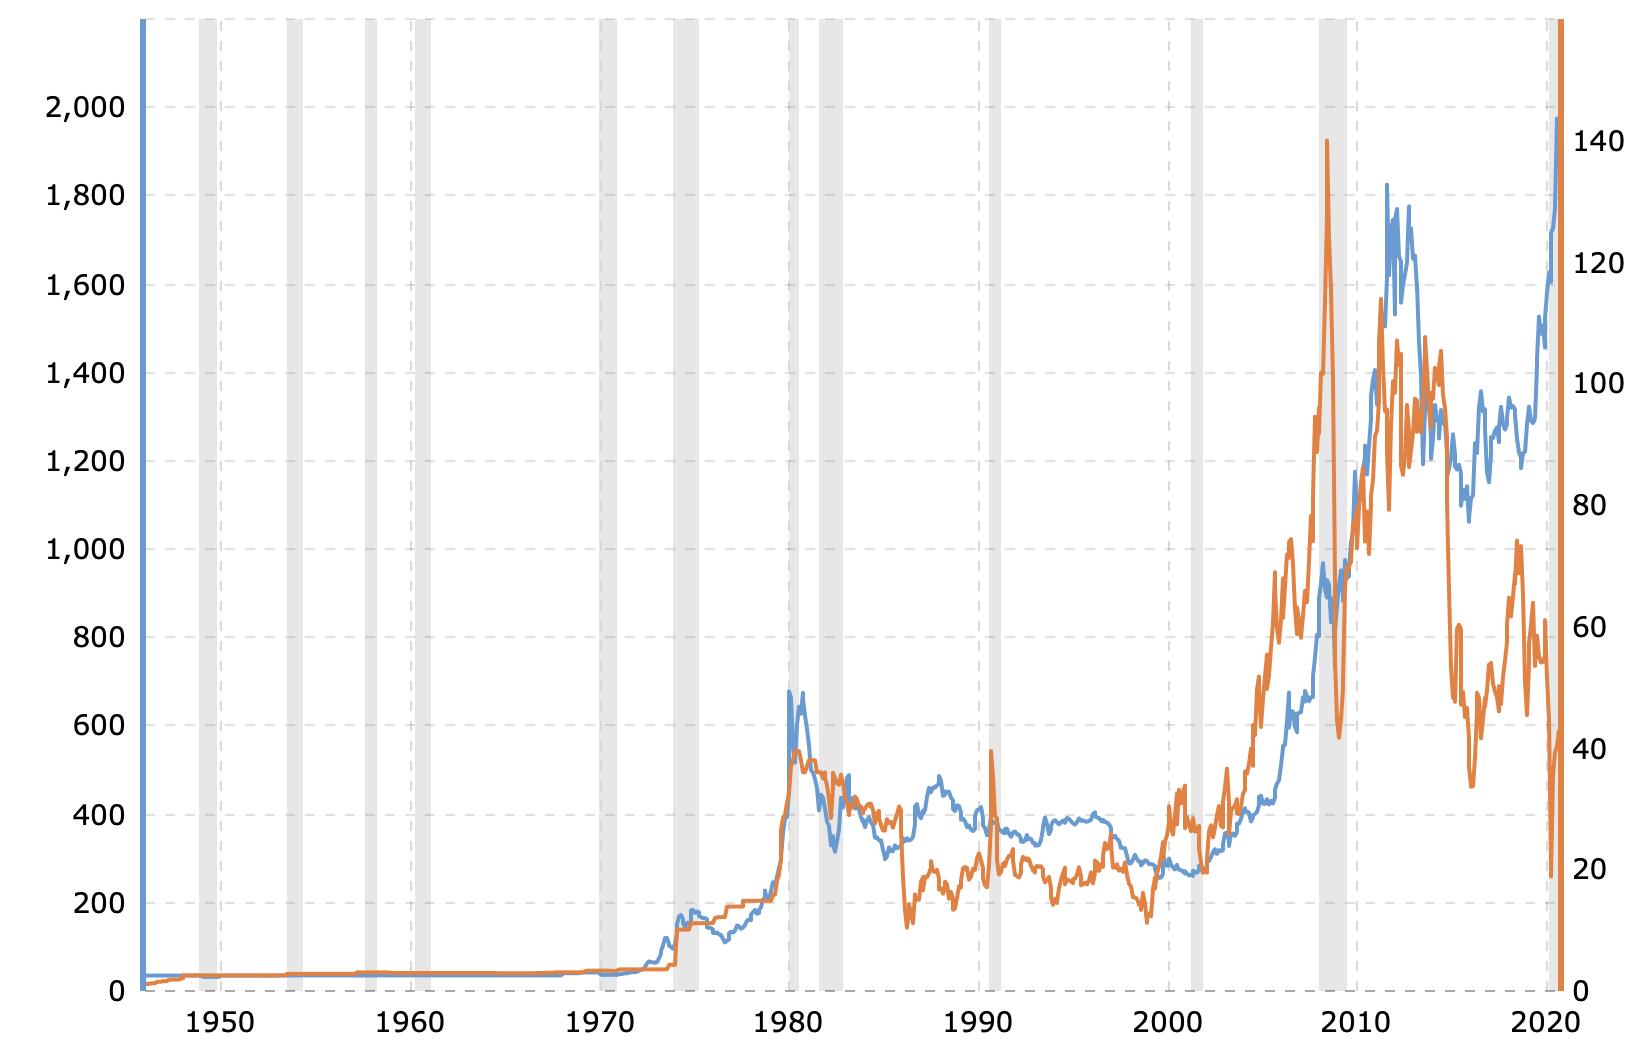 Liên hệ giữa giá vàng và giá dầu thô - So sánh sự dịch chuyển giá